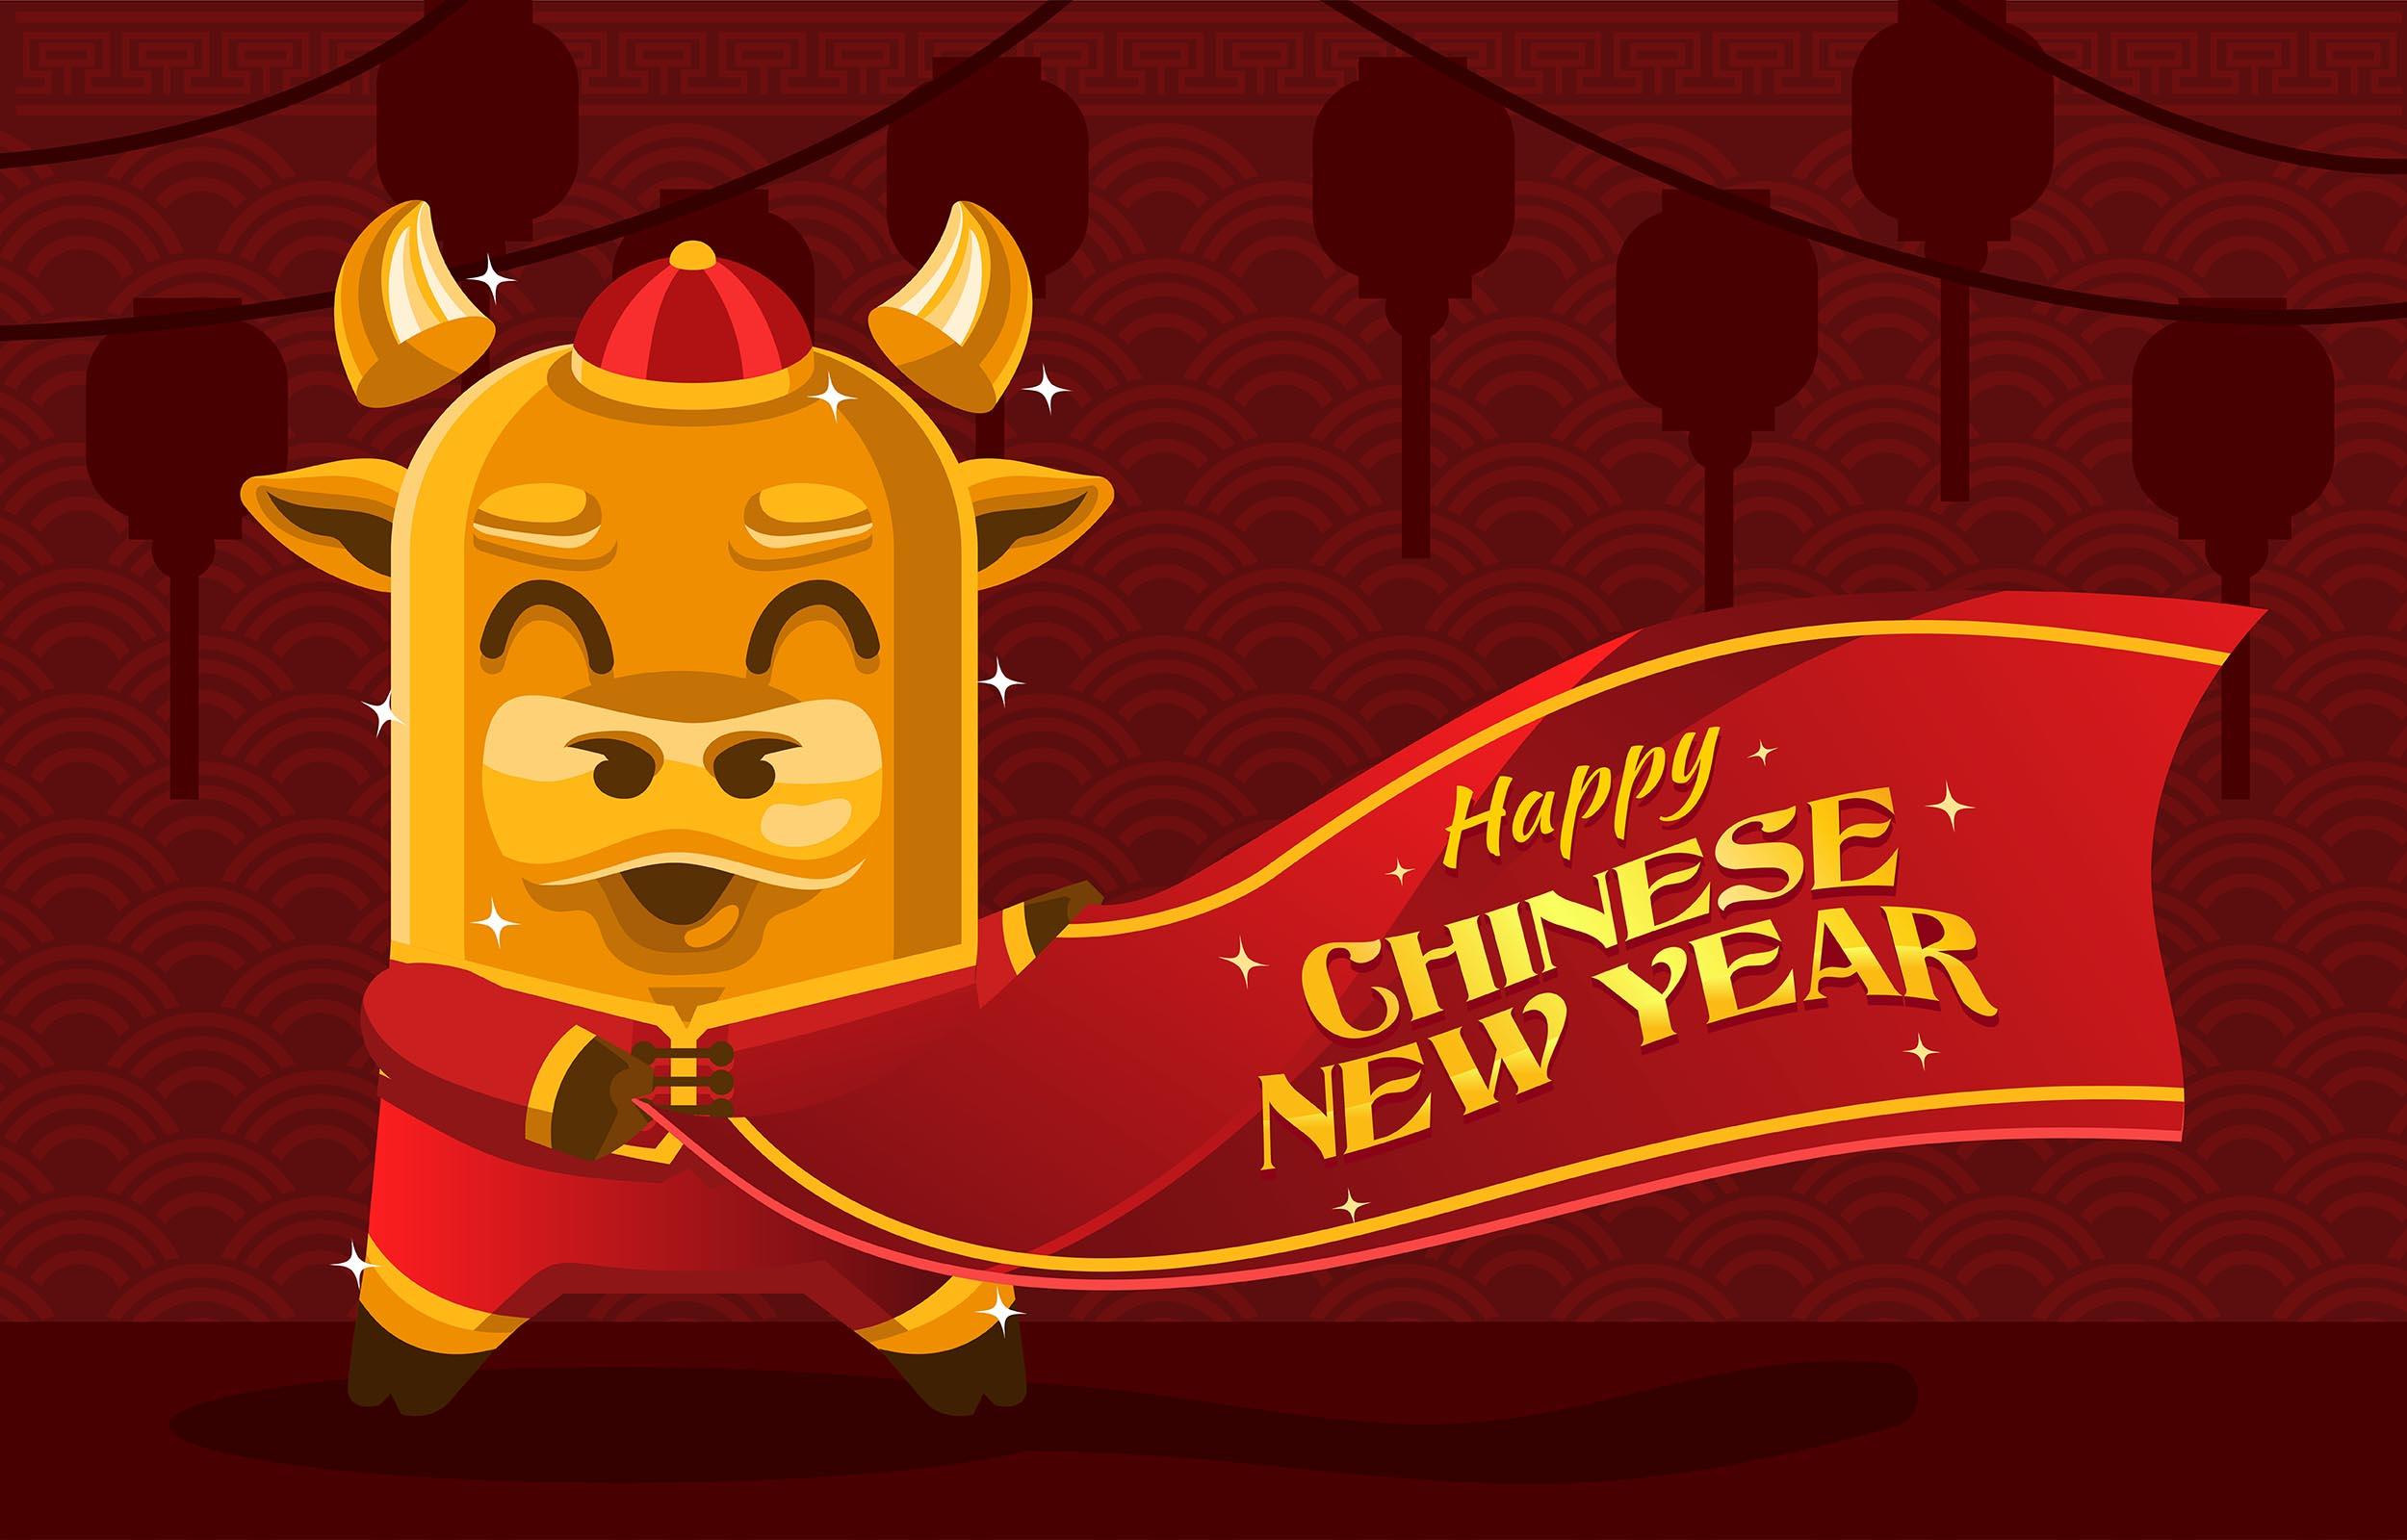 Chinese New Year 2500x1600